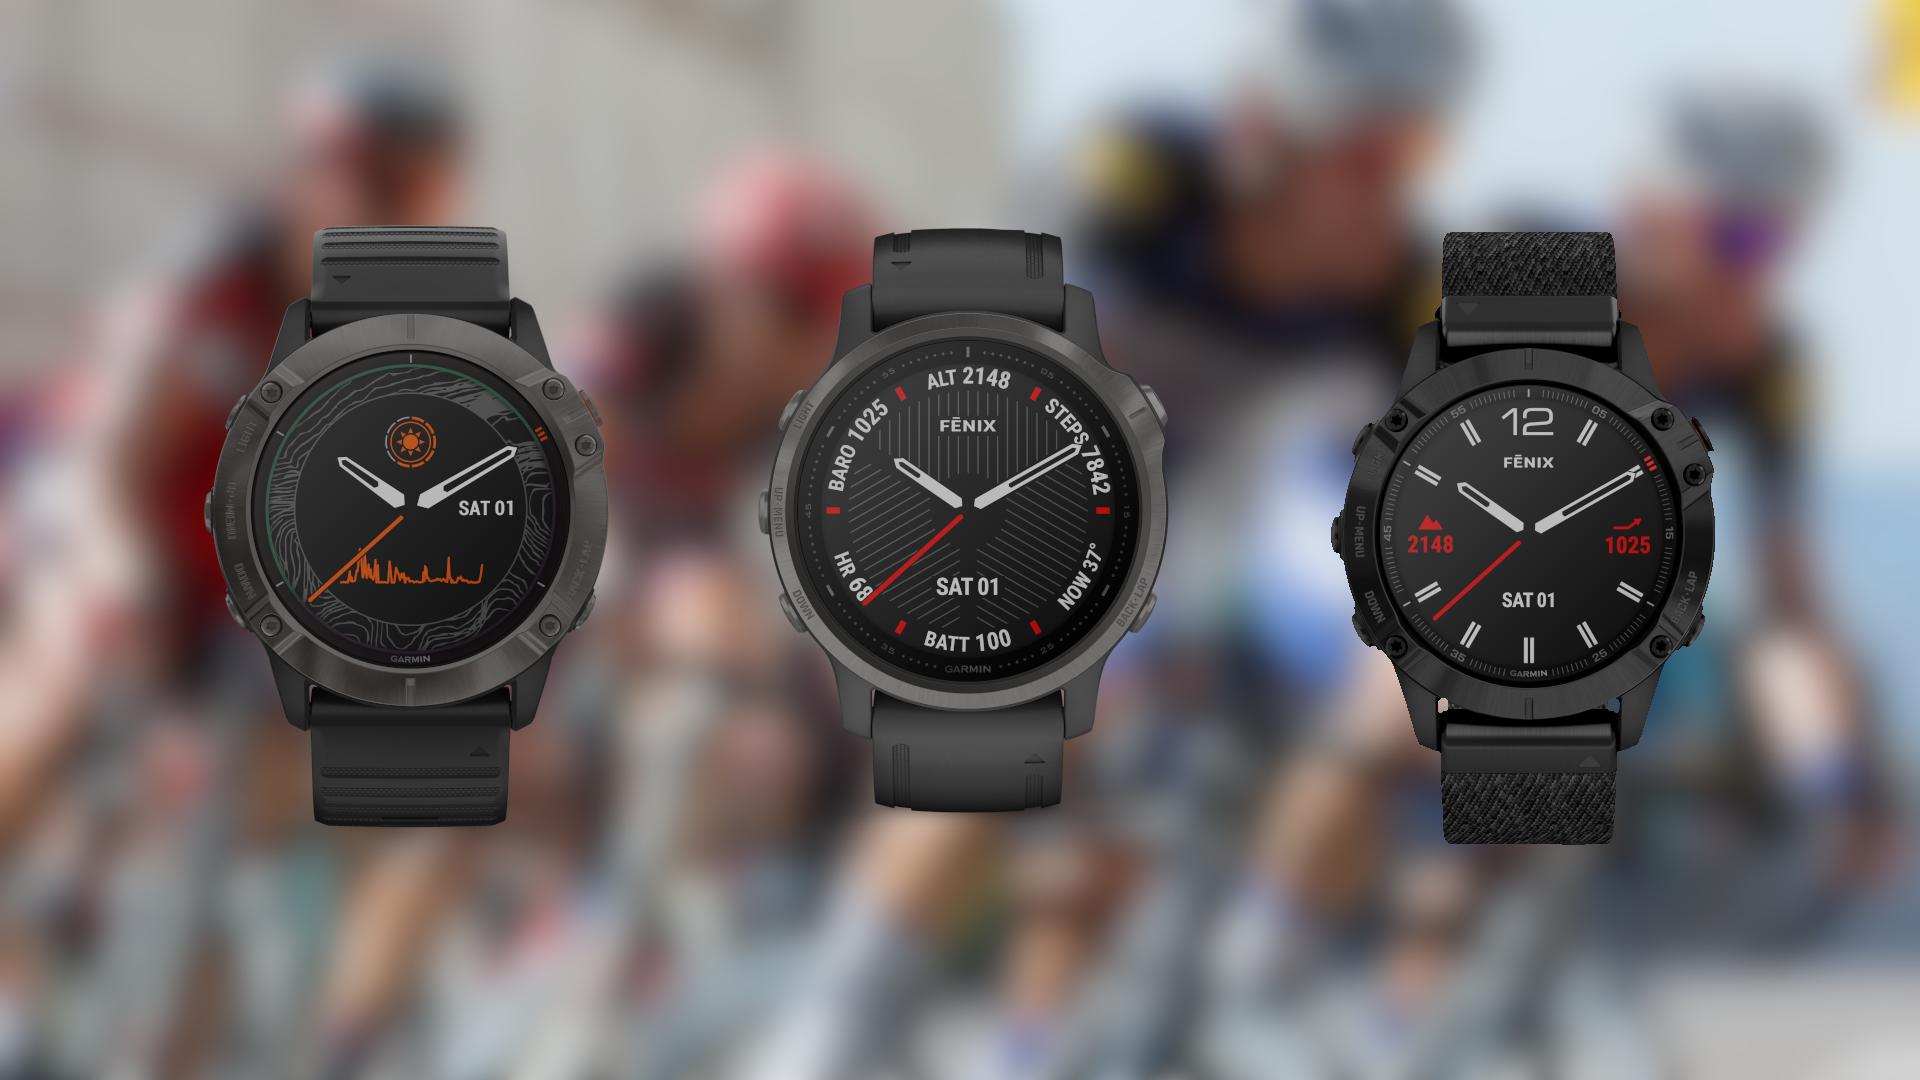 Garmin Fenix 6 - nowa odsłona sportowych zegarków oficjalnie zapowiedziana 20